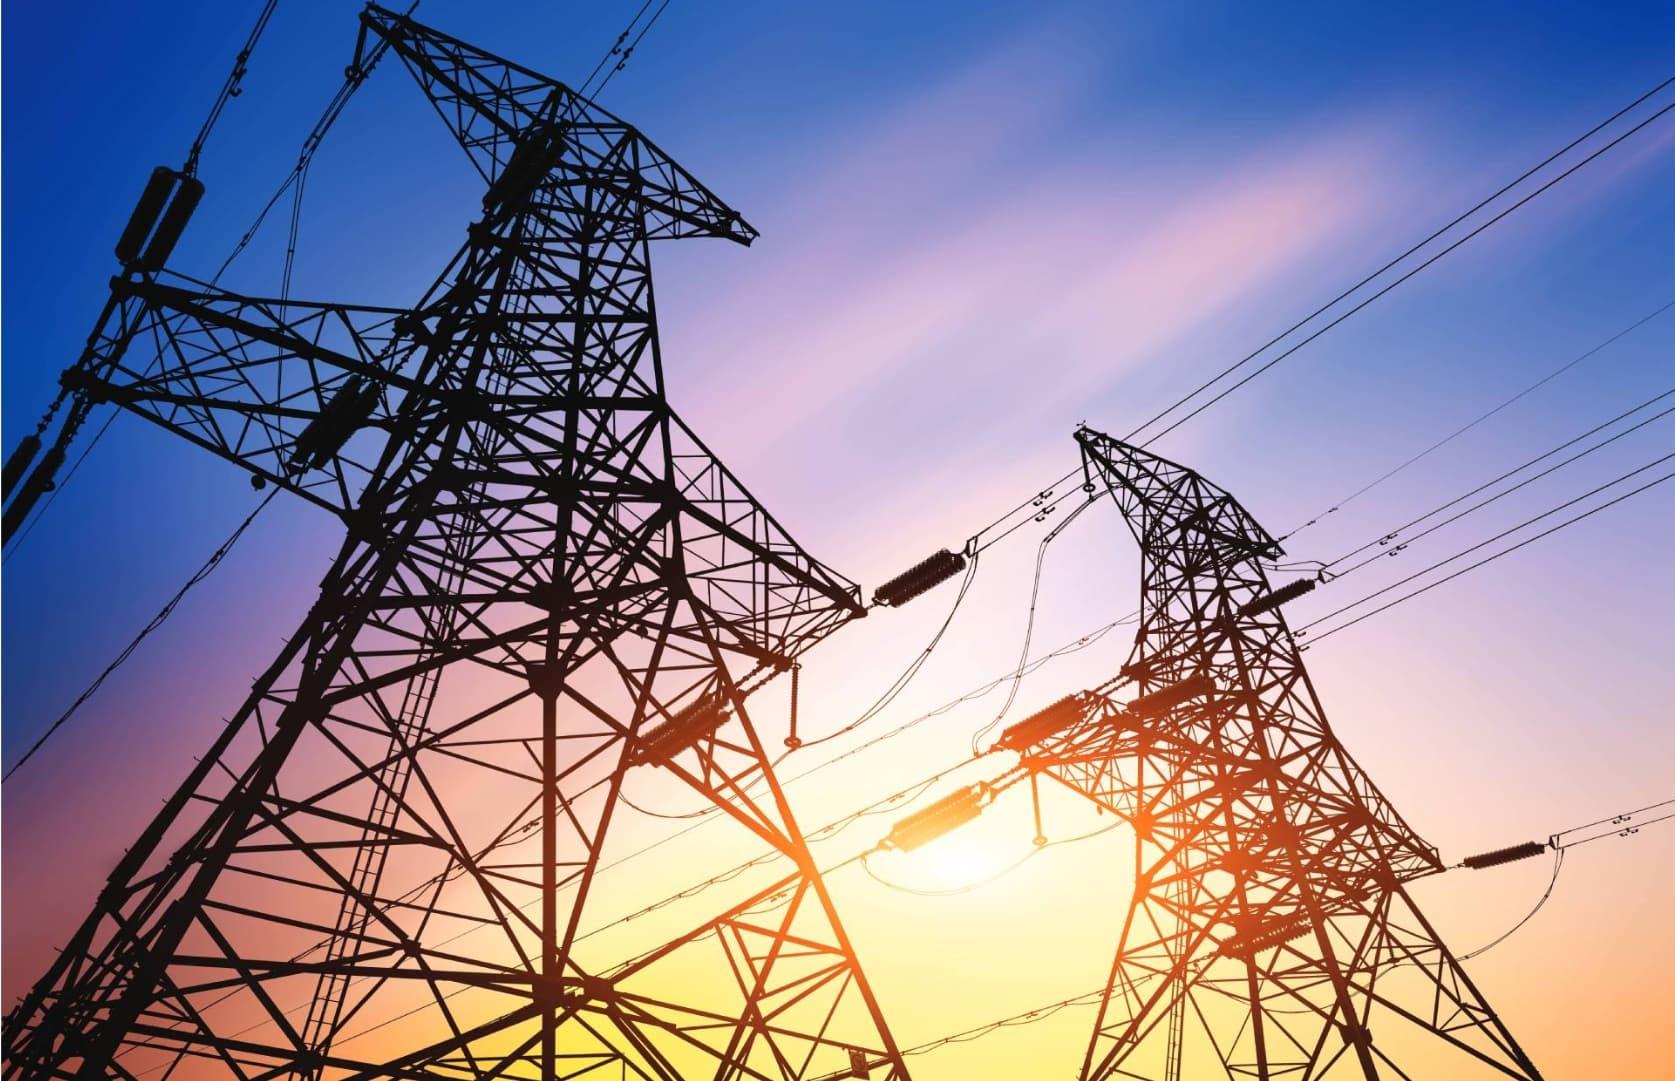 Казахстан обеспечат новыми мощностями электроэнергии к 2026 году